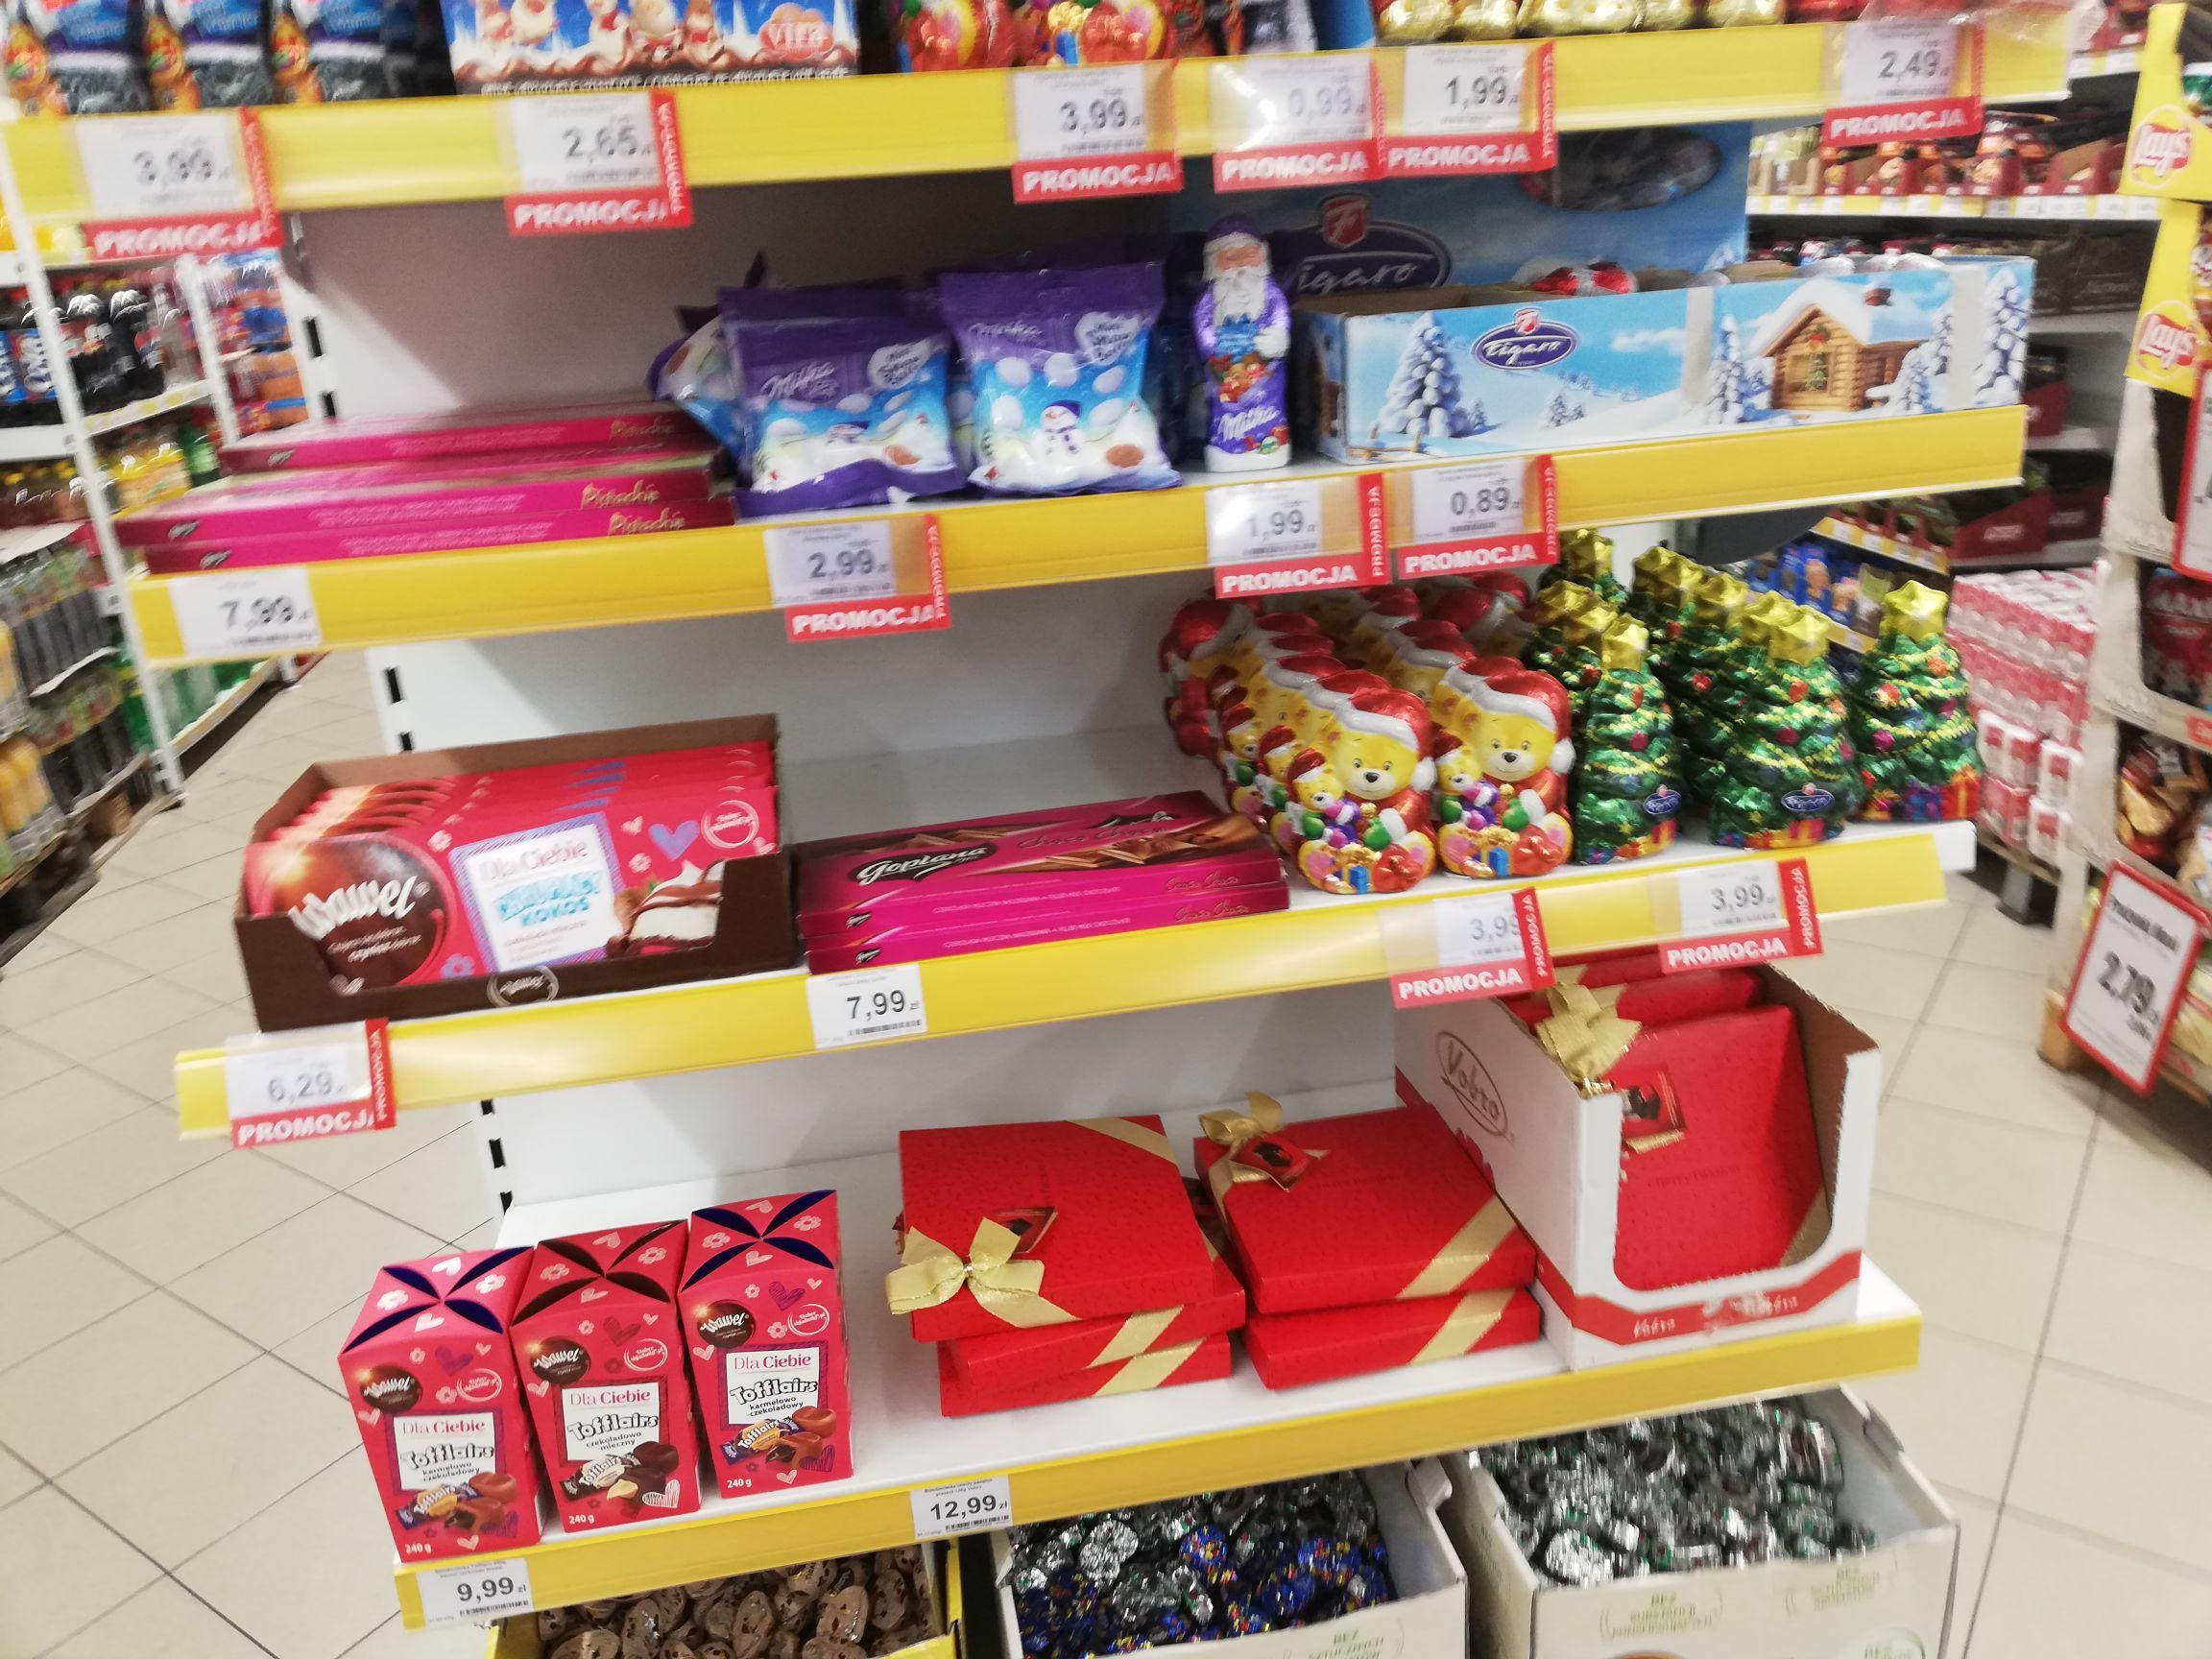 Przecena świątecznych słodyczy